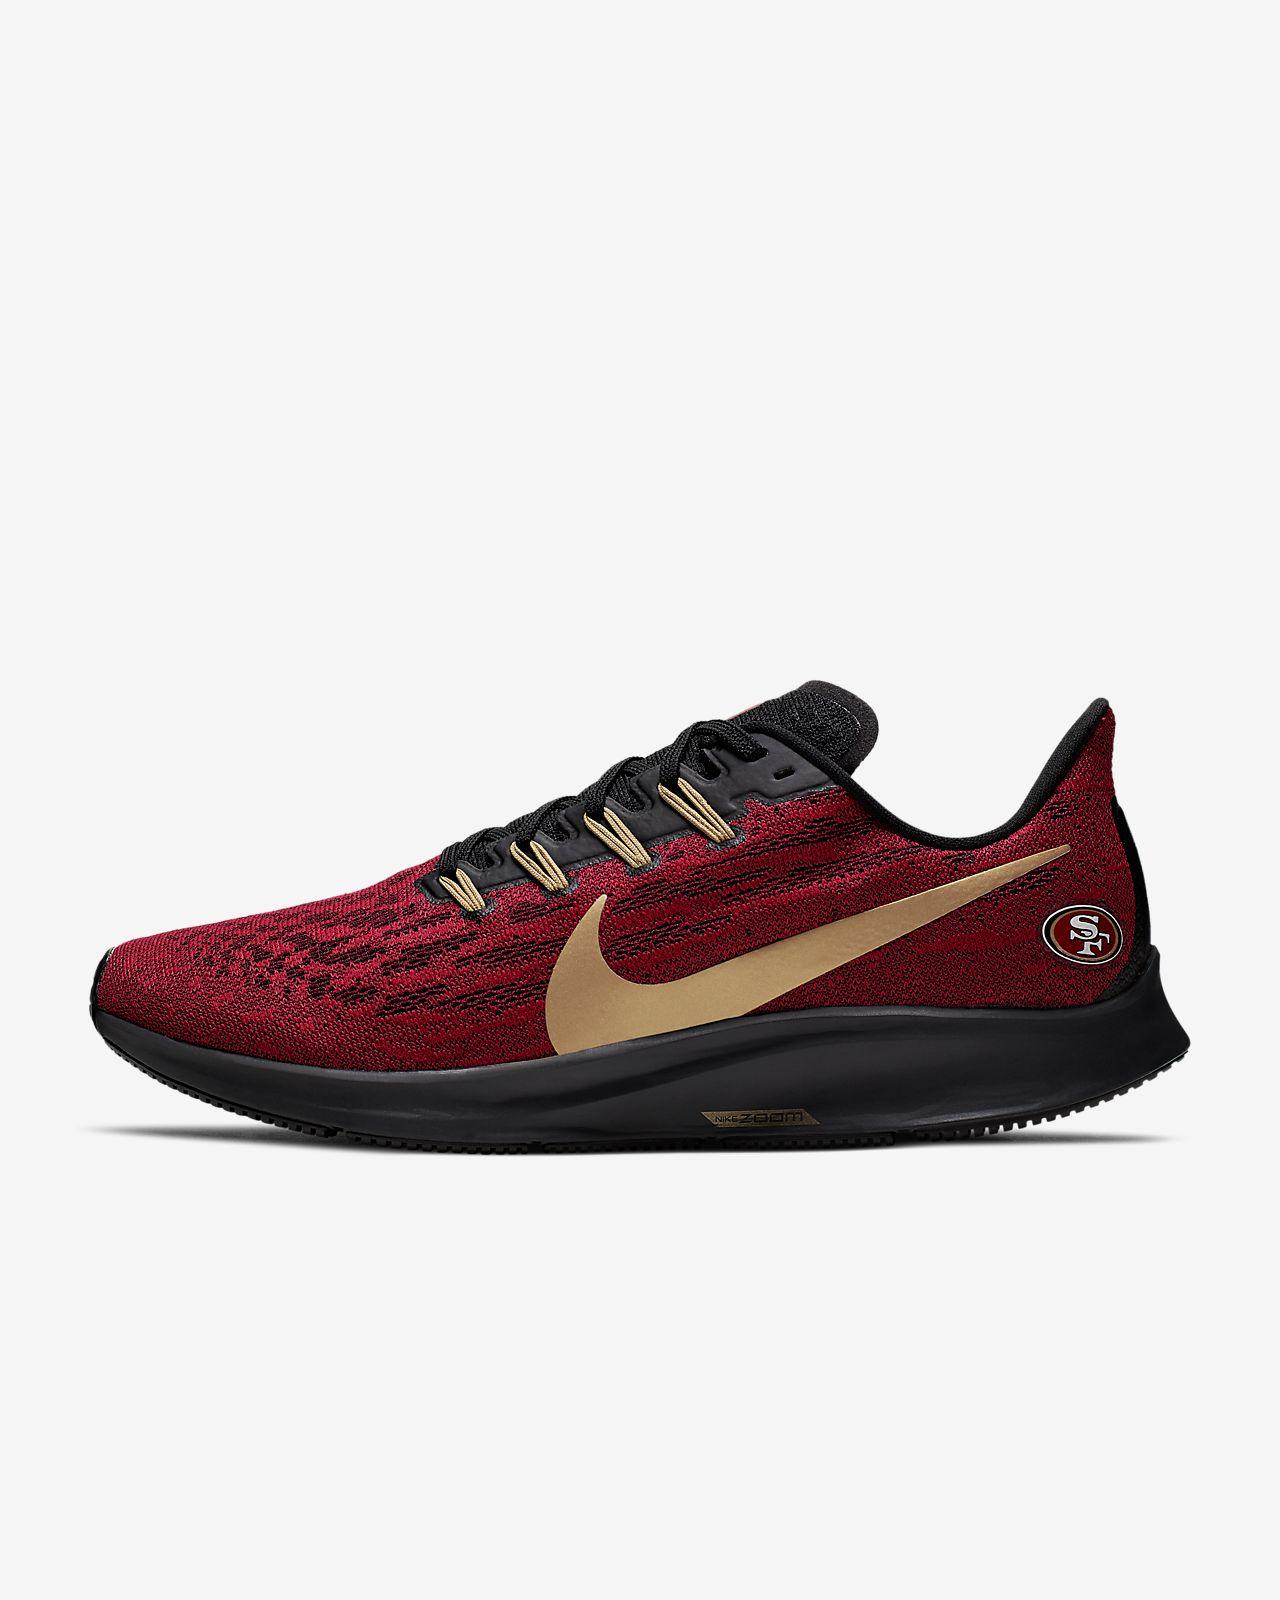 Nike Air Zoom Pegasus 36 (49ers) Men's Running Shoe